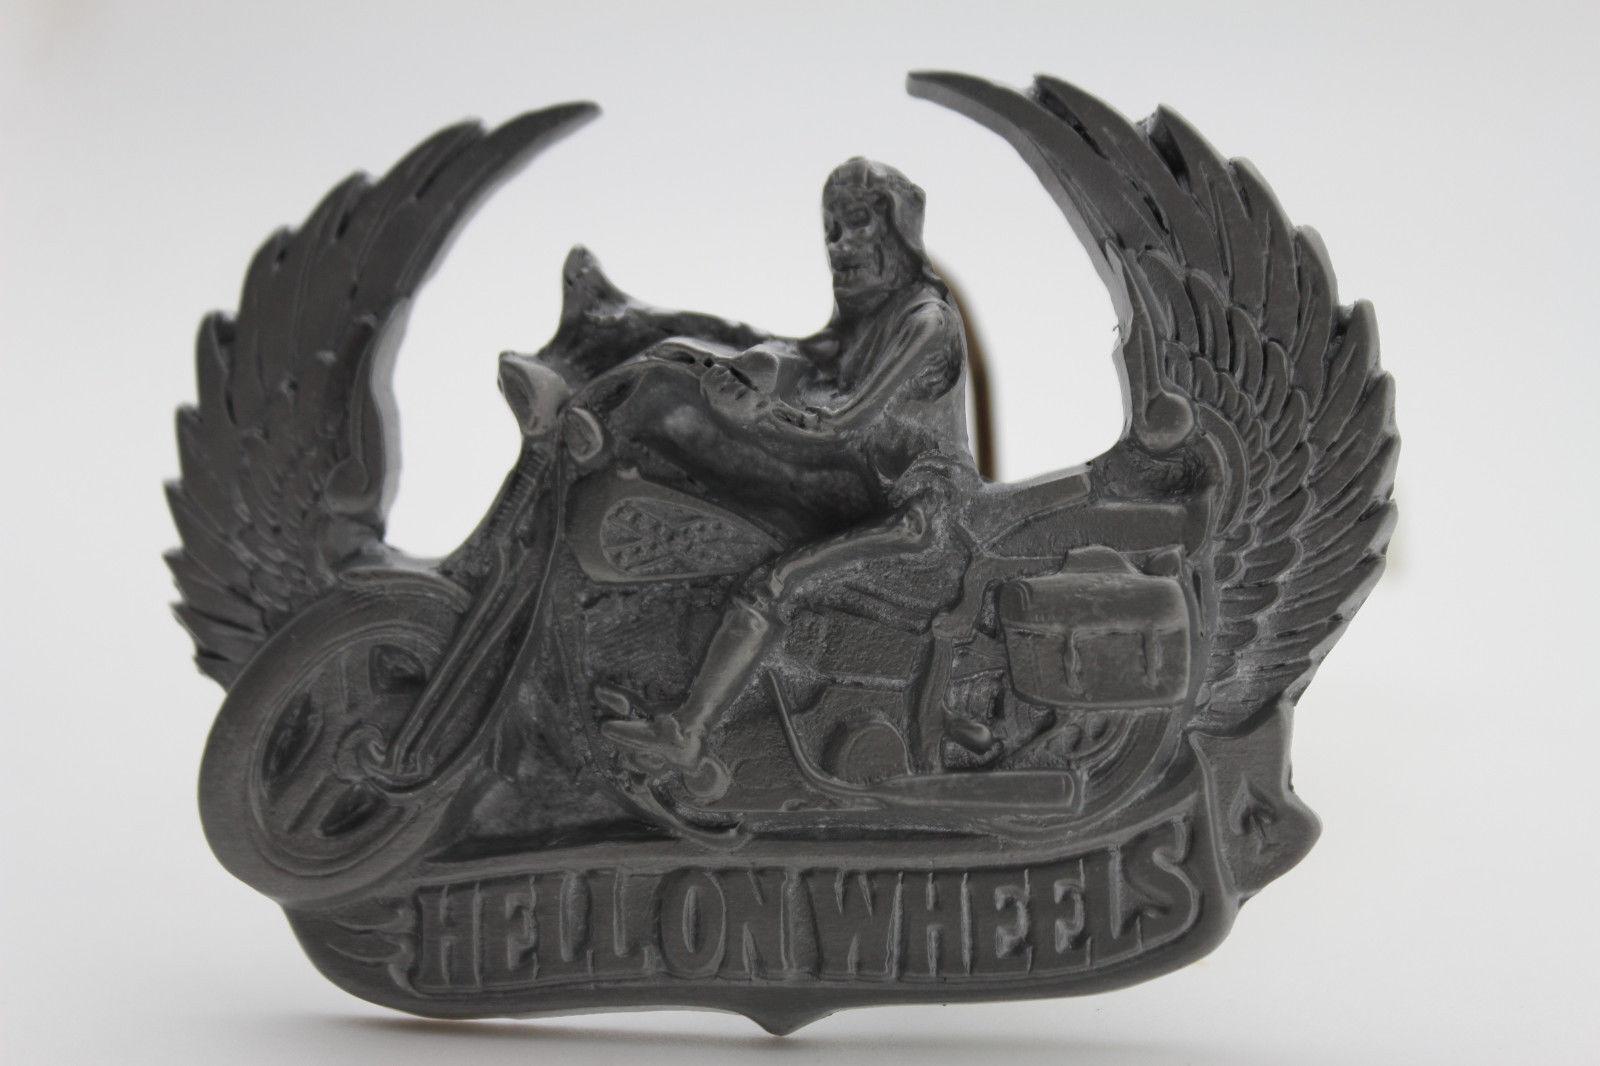 Herren Mode Gürtelschnalle Silber Metall Motorrad Biker Hell Räder Skelett Wings